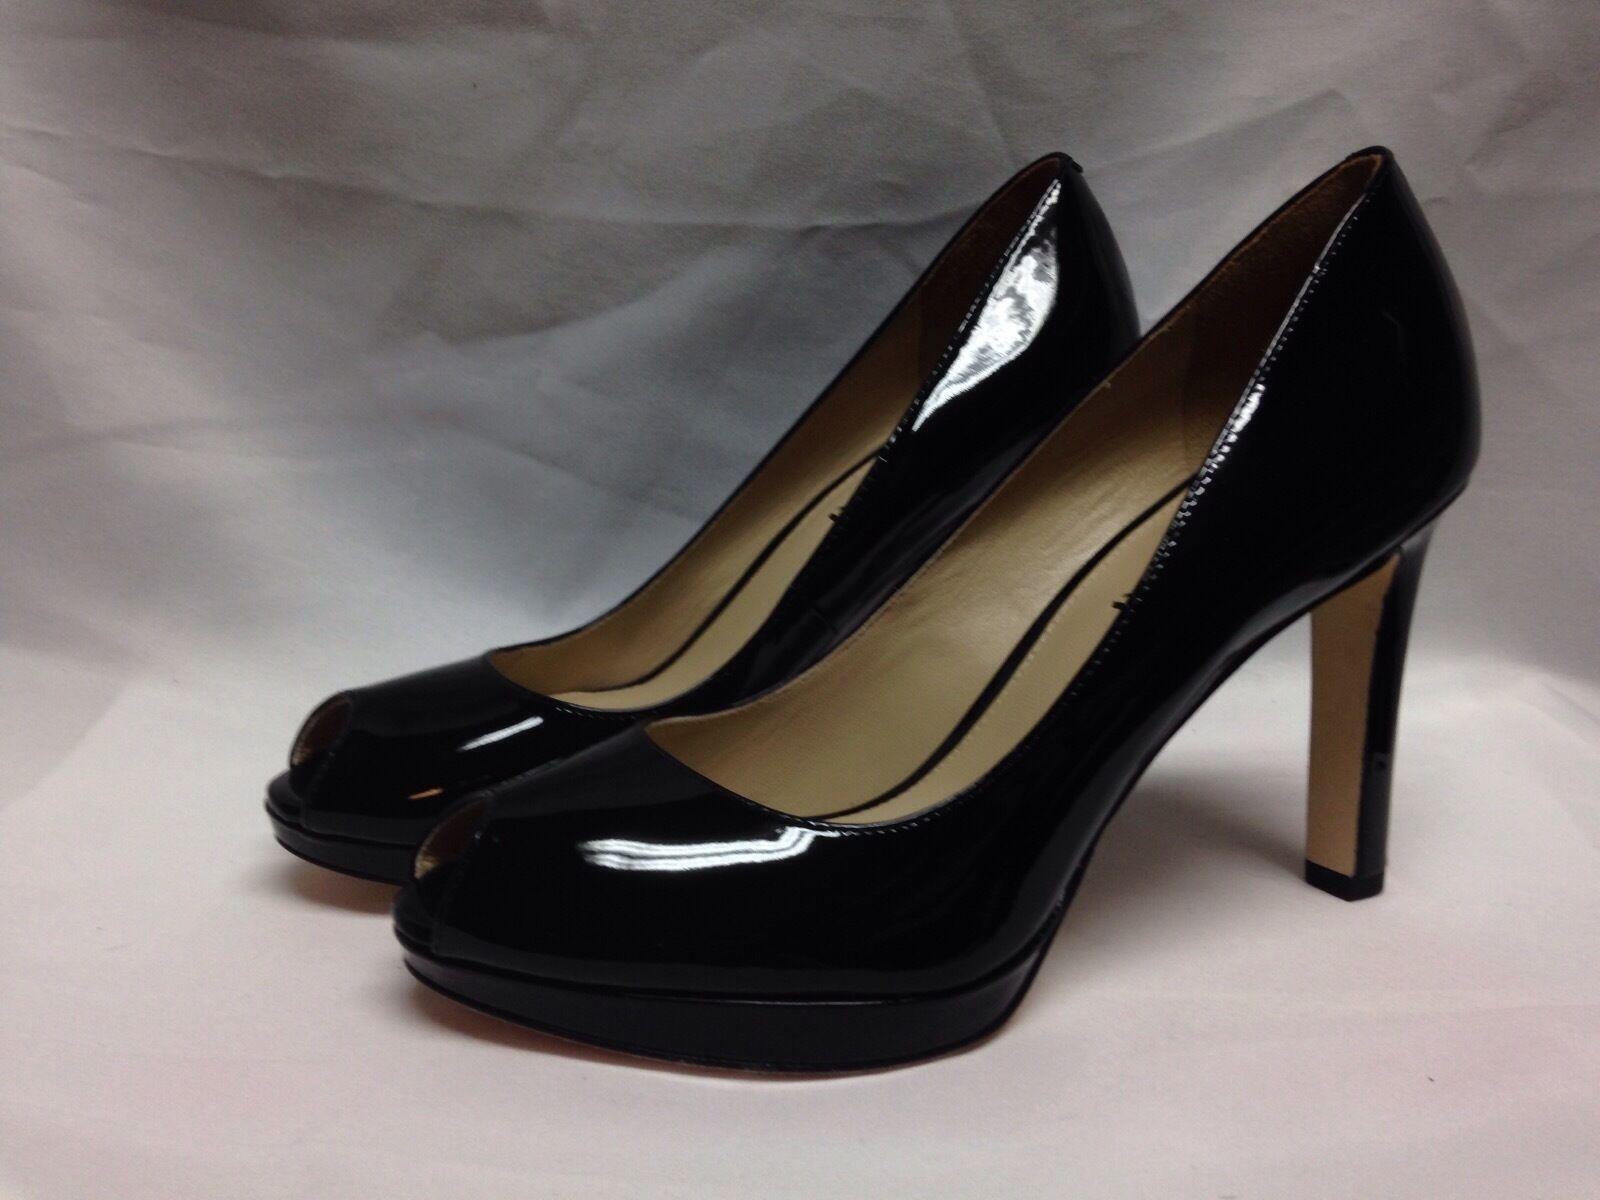 prima i clienti Via Spiga Brandy Open Toe Pump 7.5 7.5 7.5 M nero Patent Leather New w Box  scelte con prezzo basso